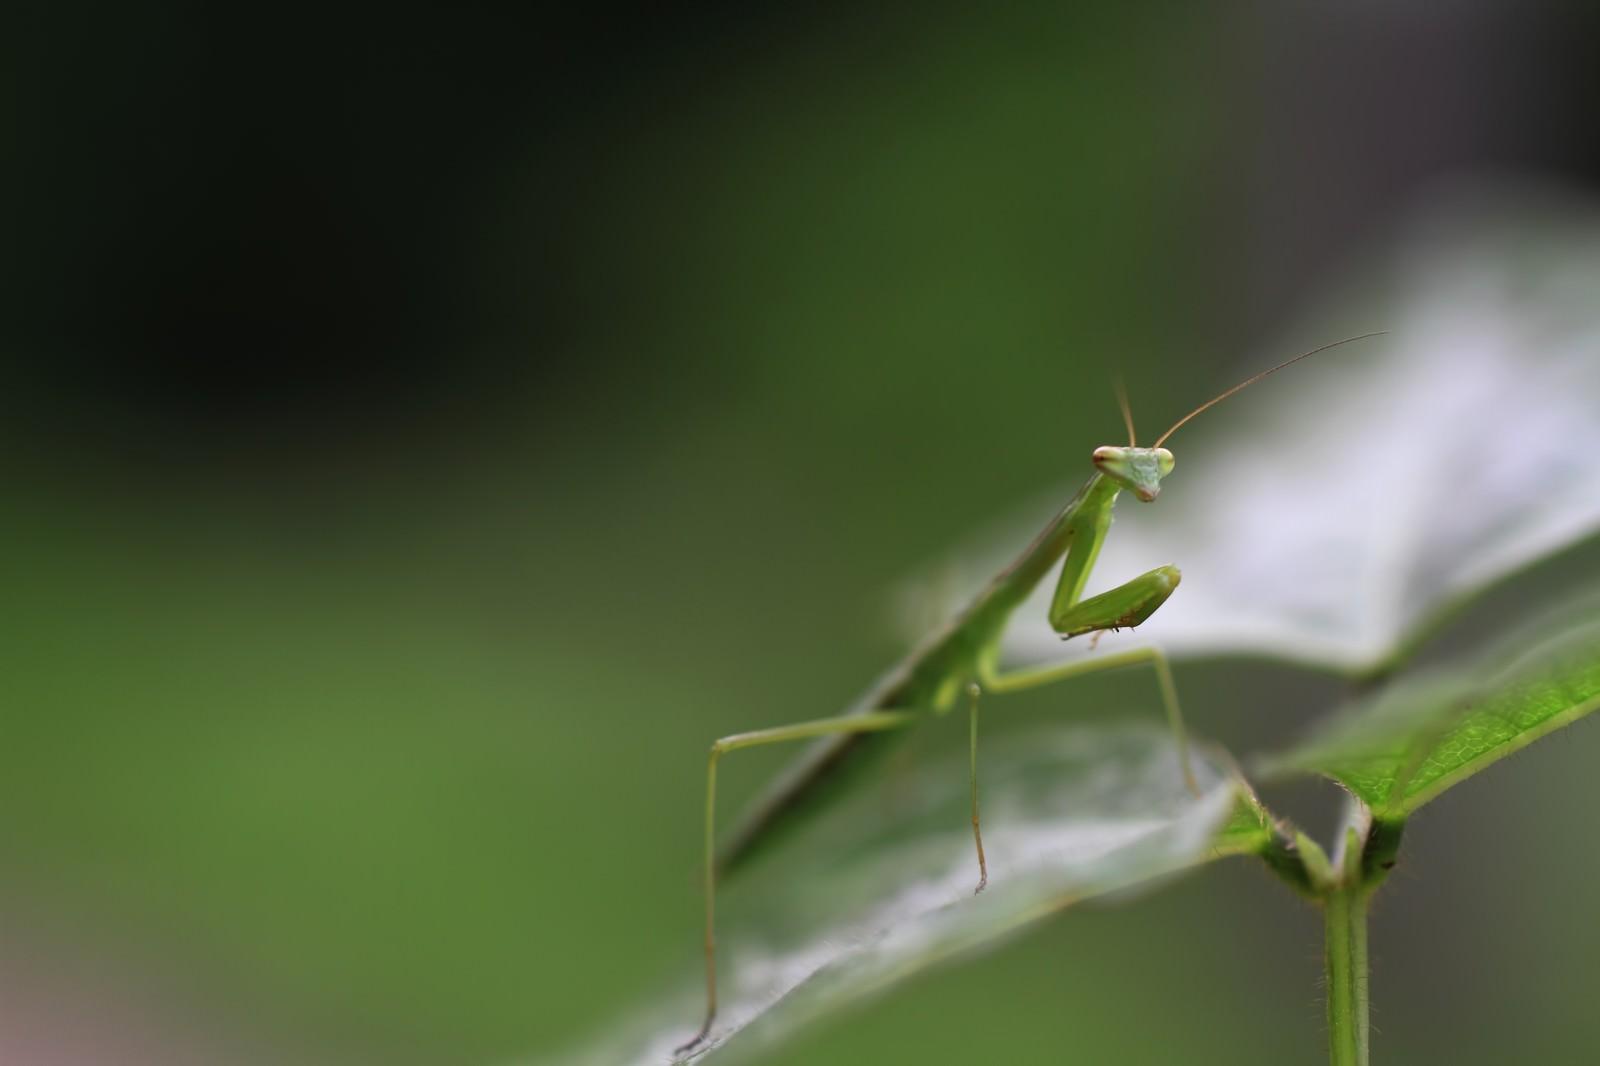 「葉の上で待ち構える蟷螂」の写真